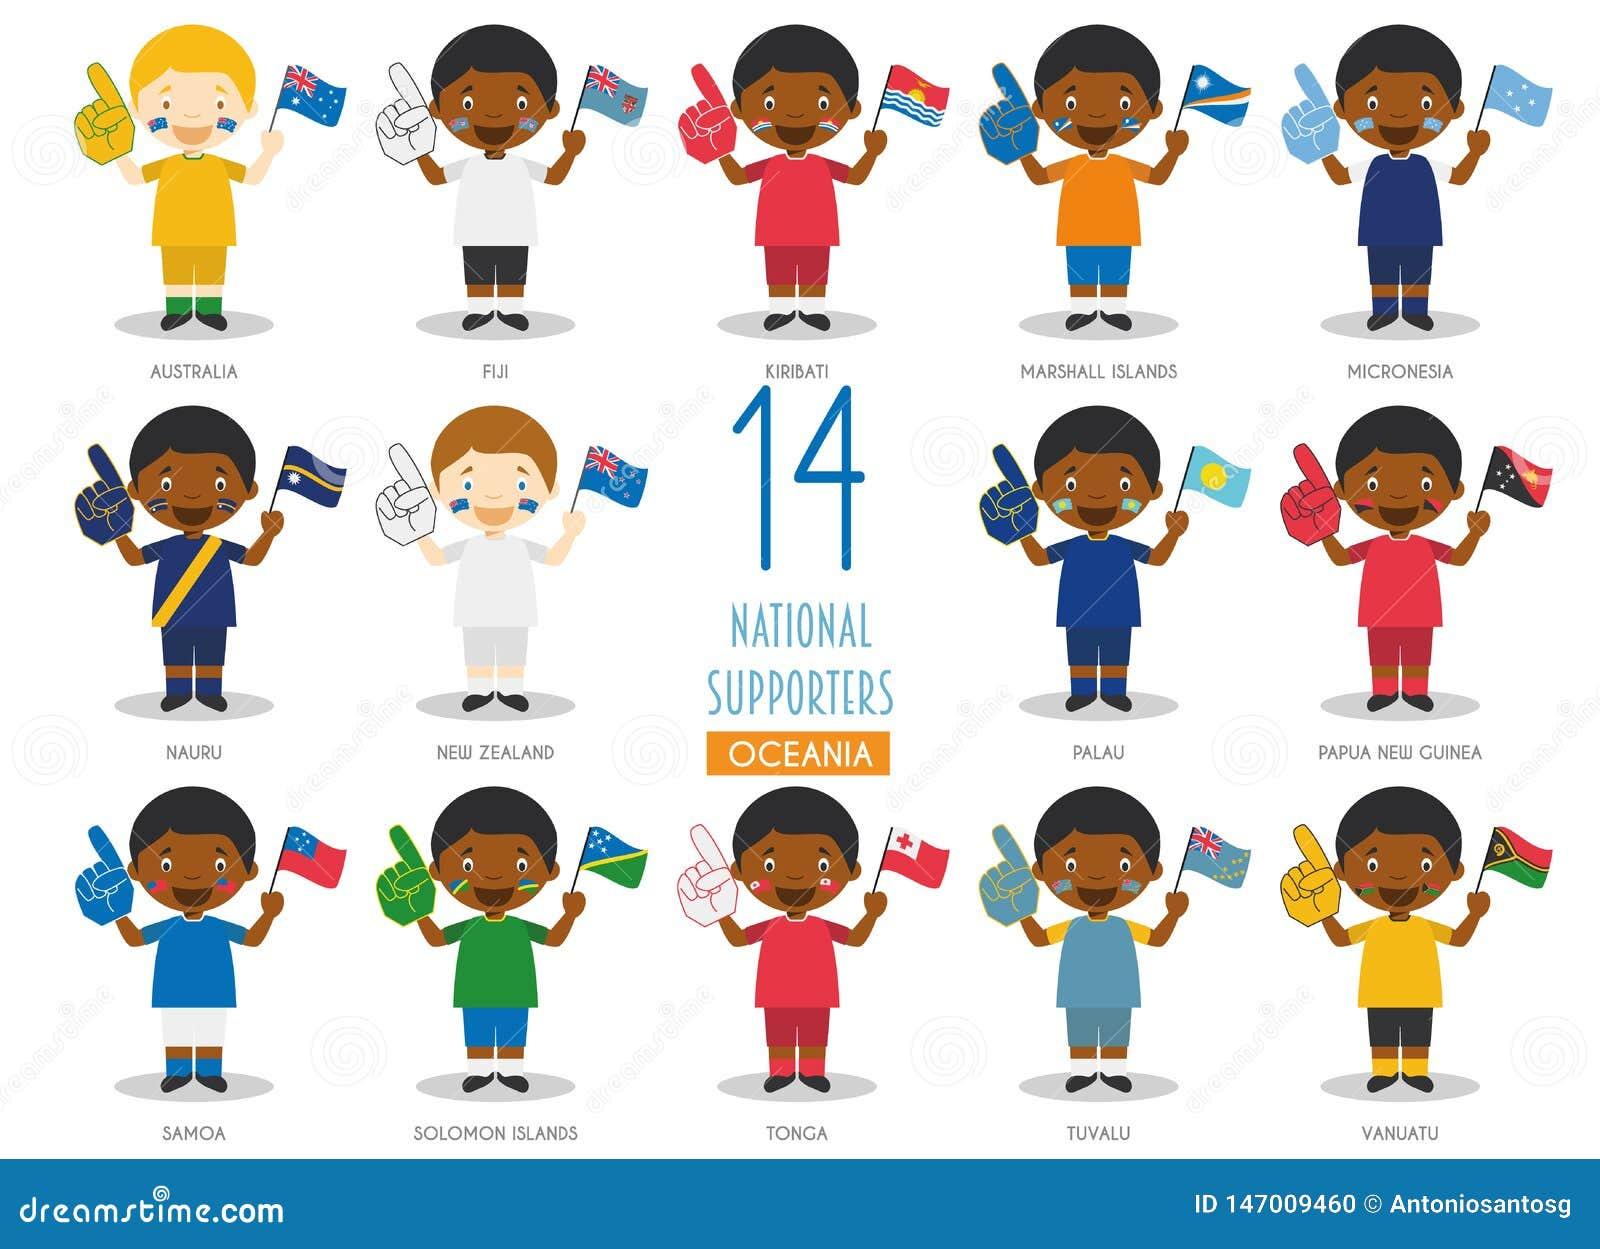 Metta di 14 fan nazionali dello sport di squadra dall illustrazione oceanica di vettore dei paesi